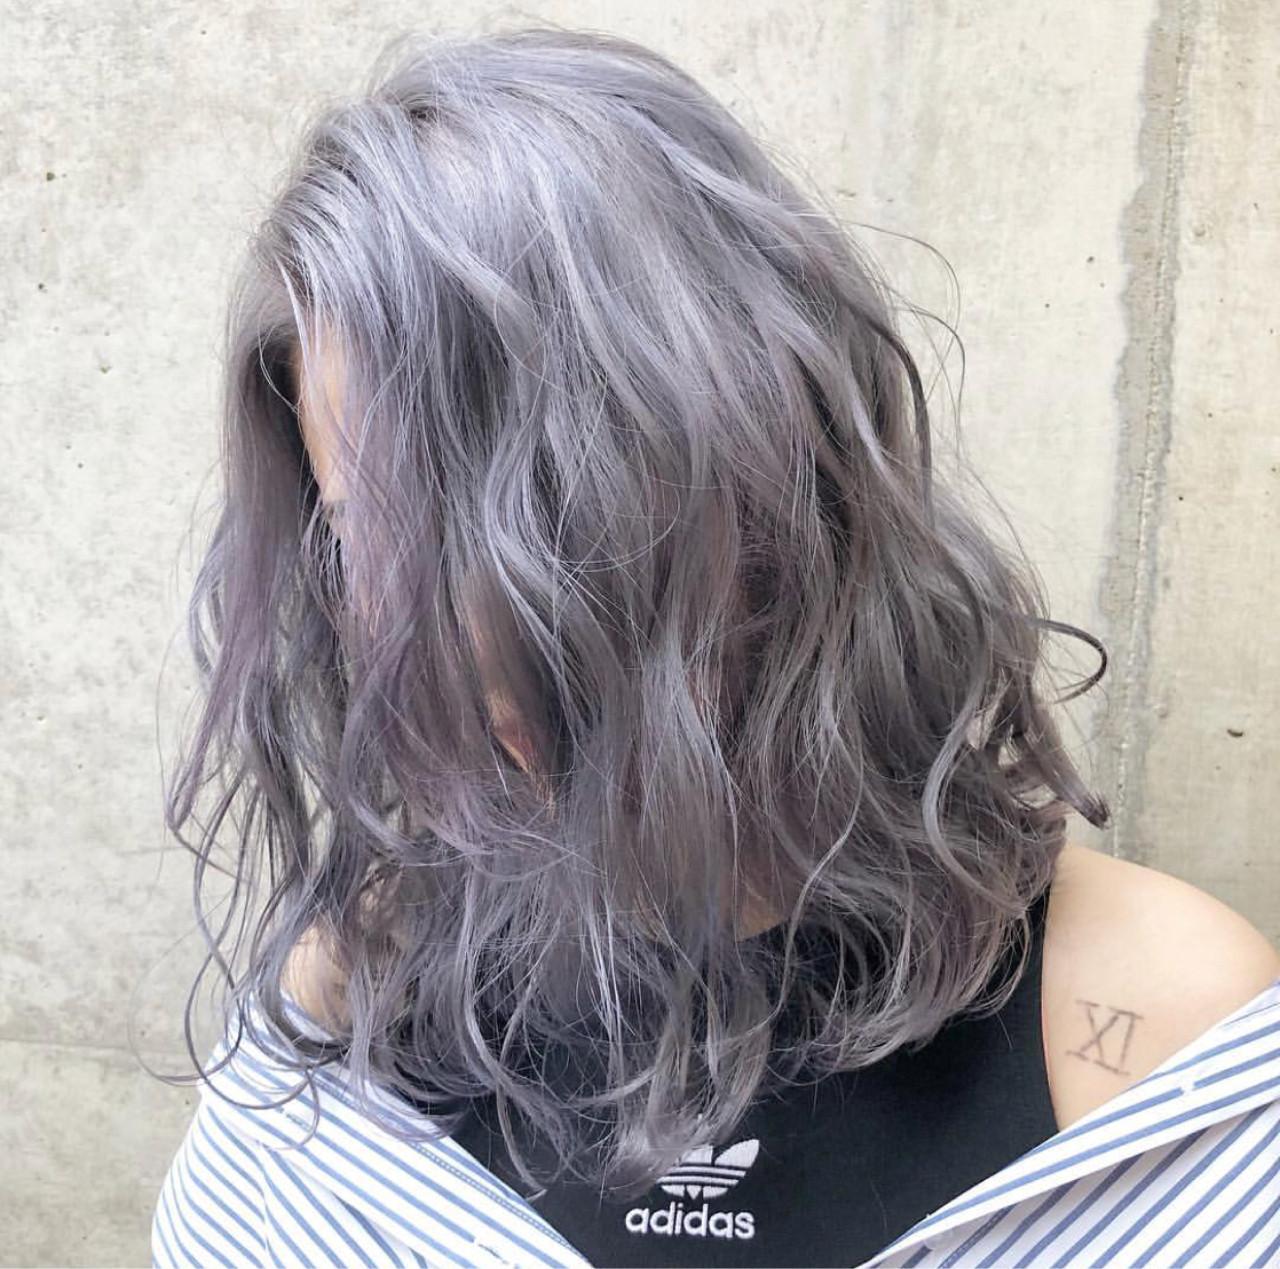 ミディアム アッシュグレー シルバーアッシュ ストリート ヘアスタイルや髪型の写真・画像